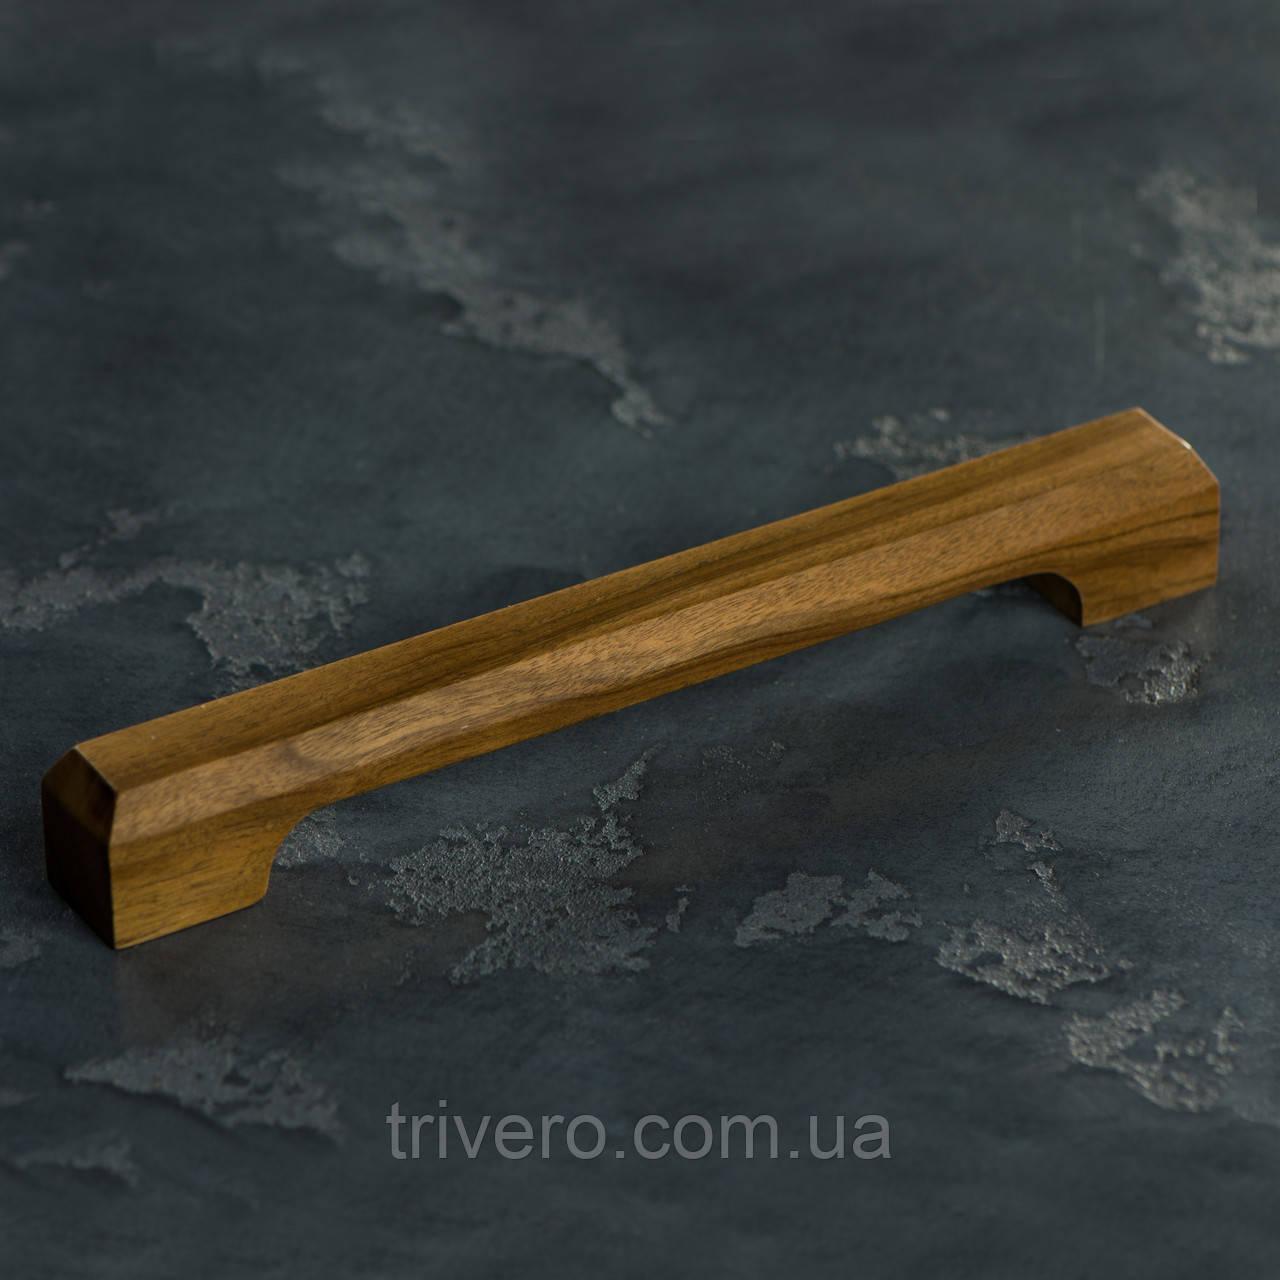 Мебельная ручка деревянная с гранями орех